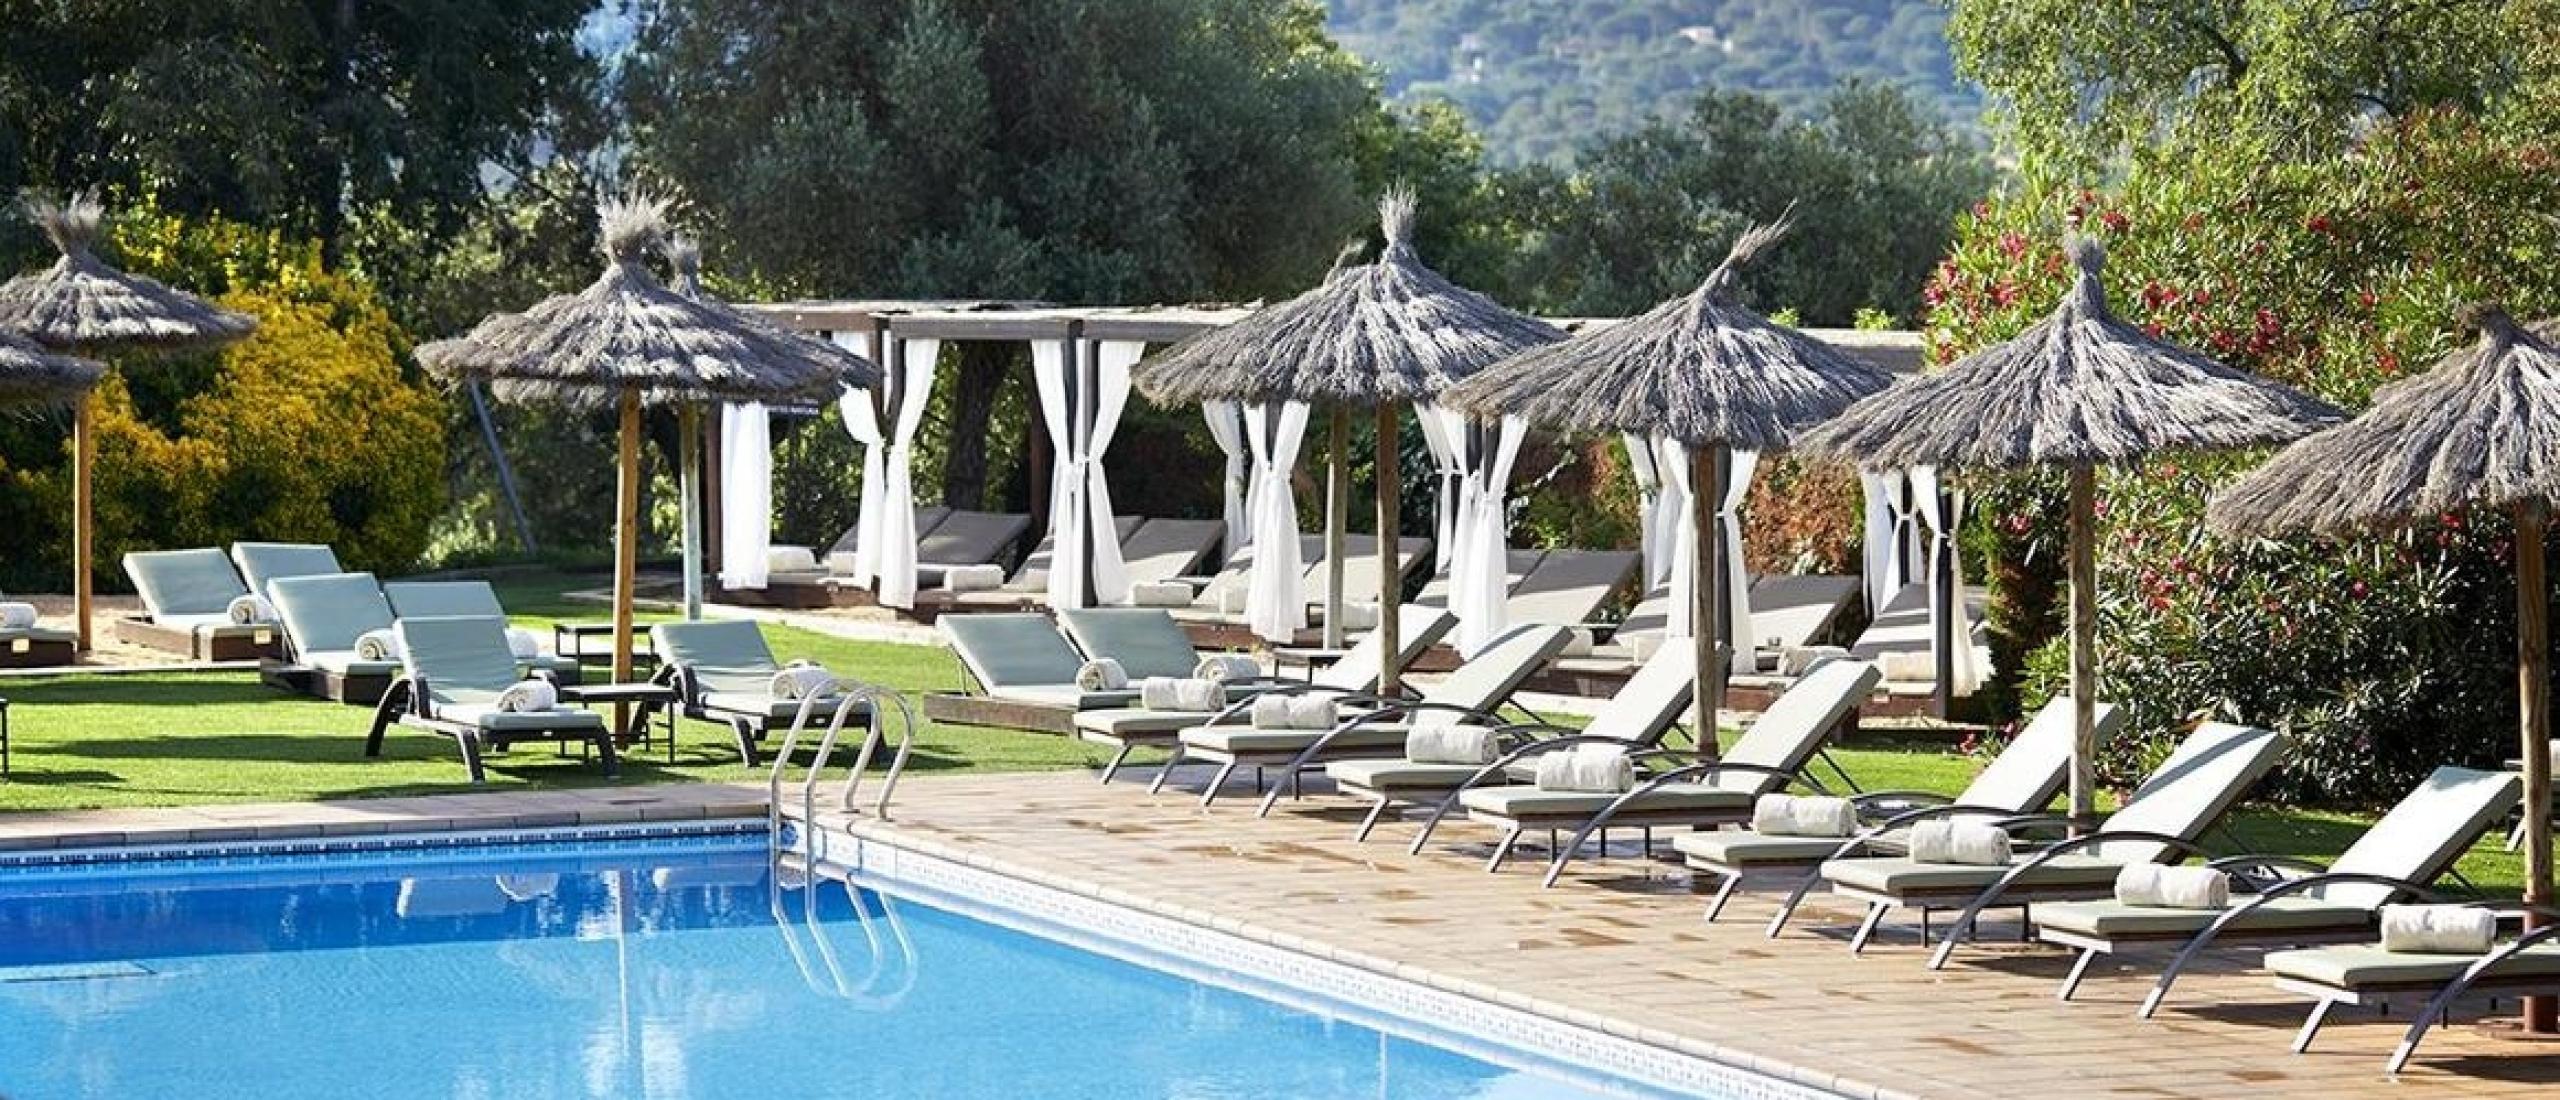 Hotel Spa Mas Tapiolas